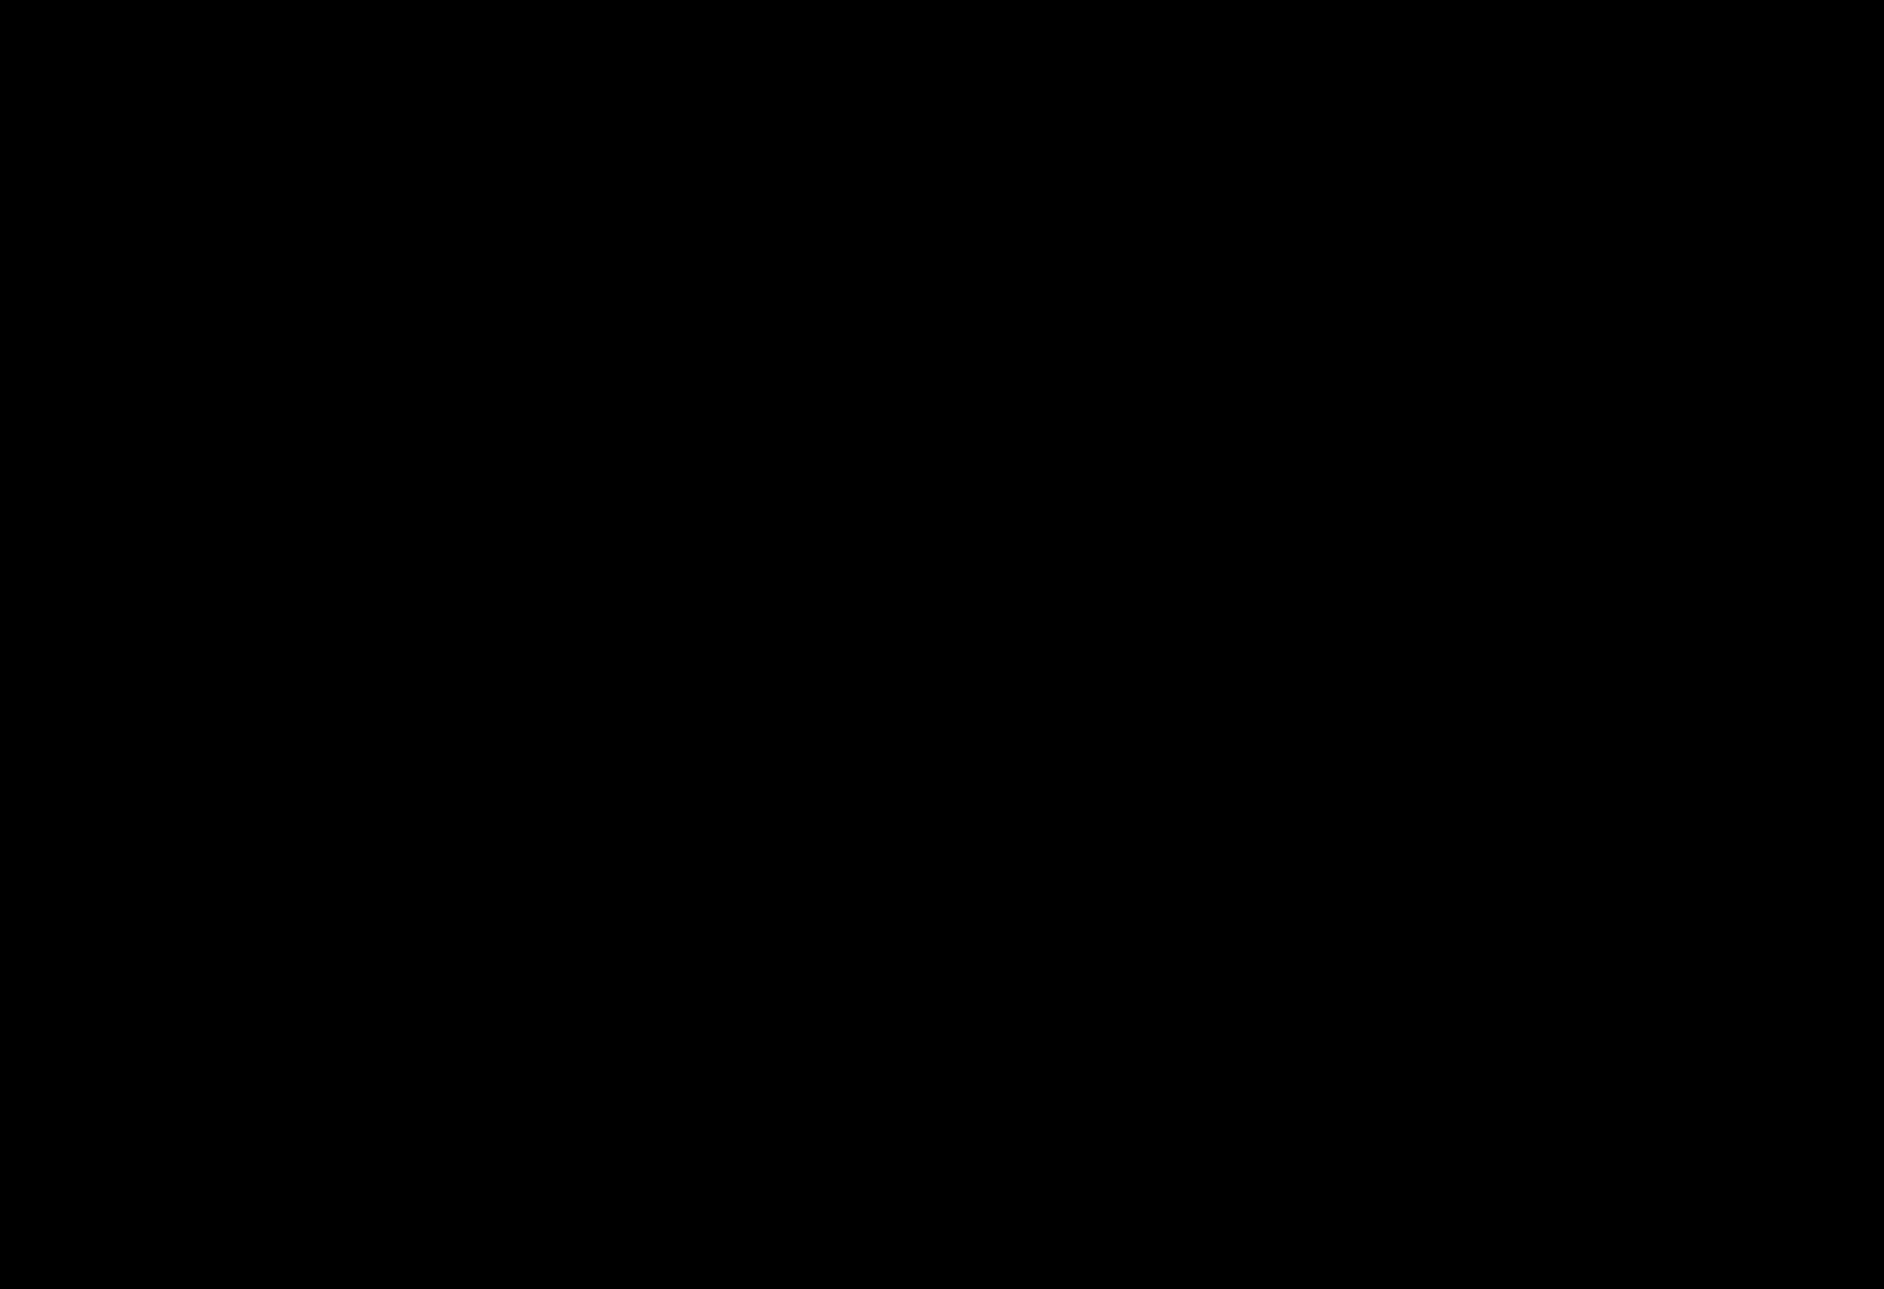 dsc2851